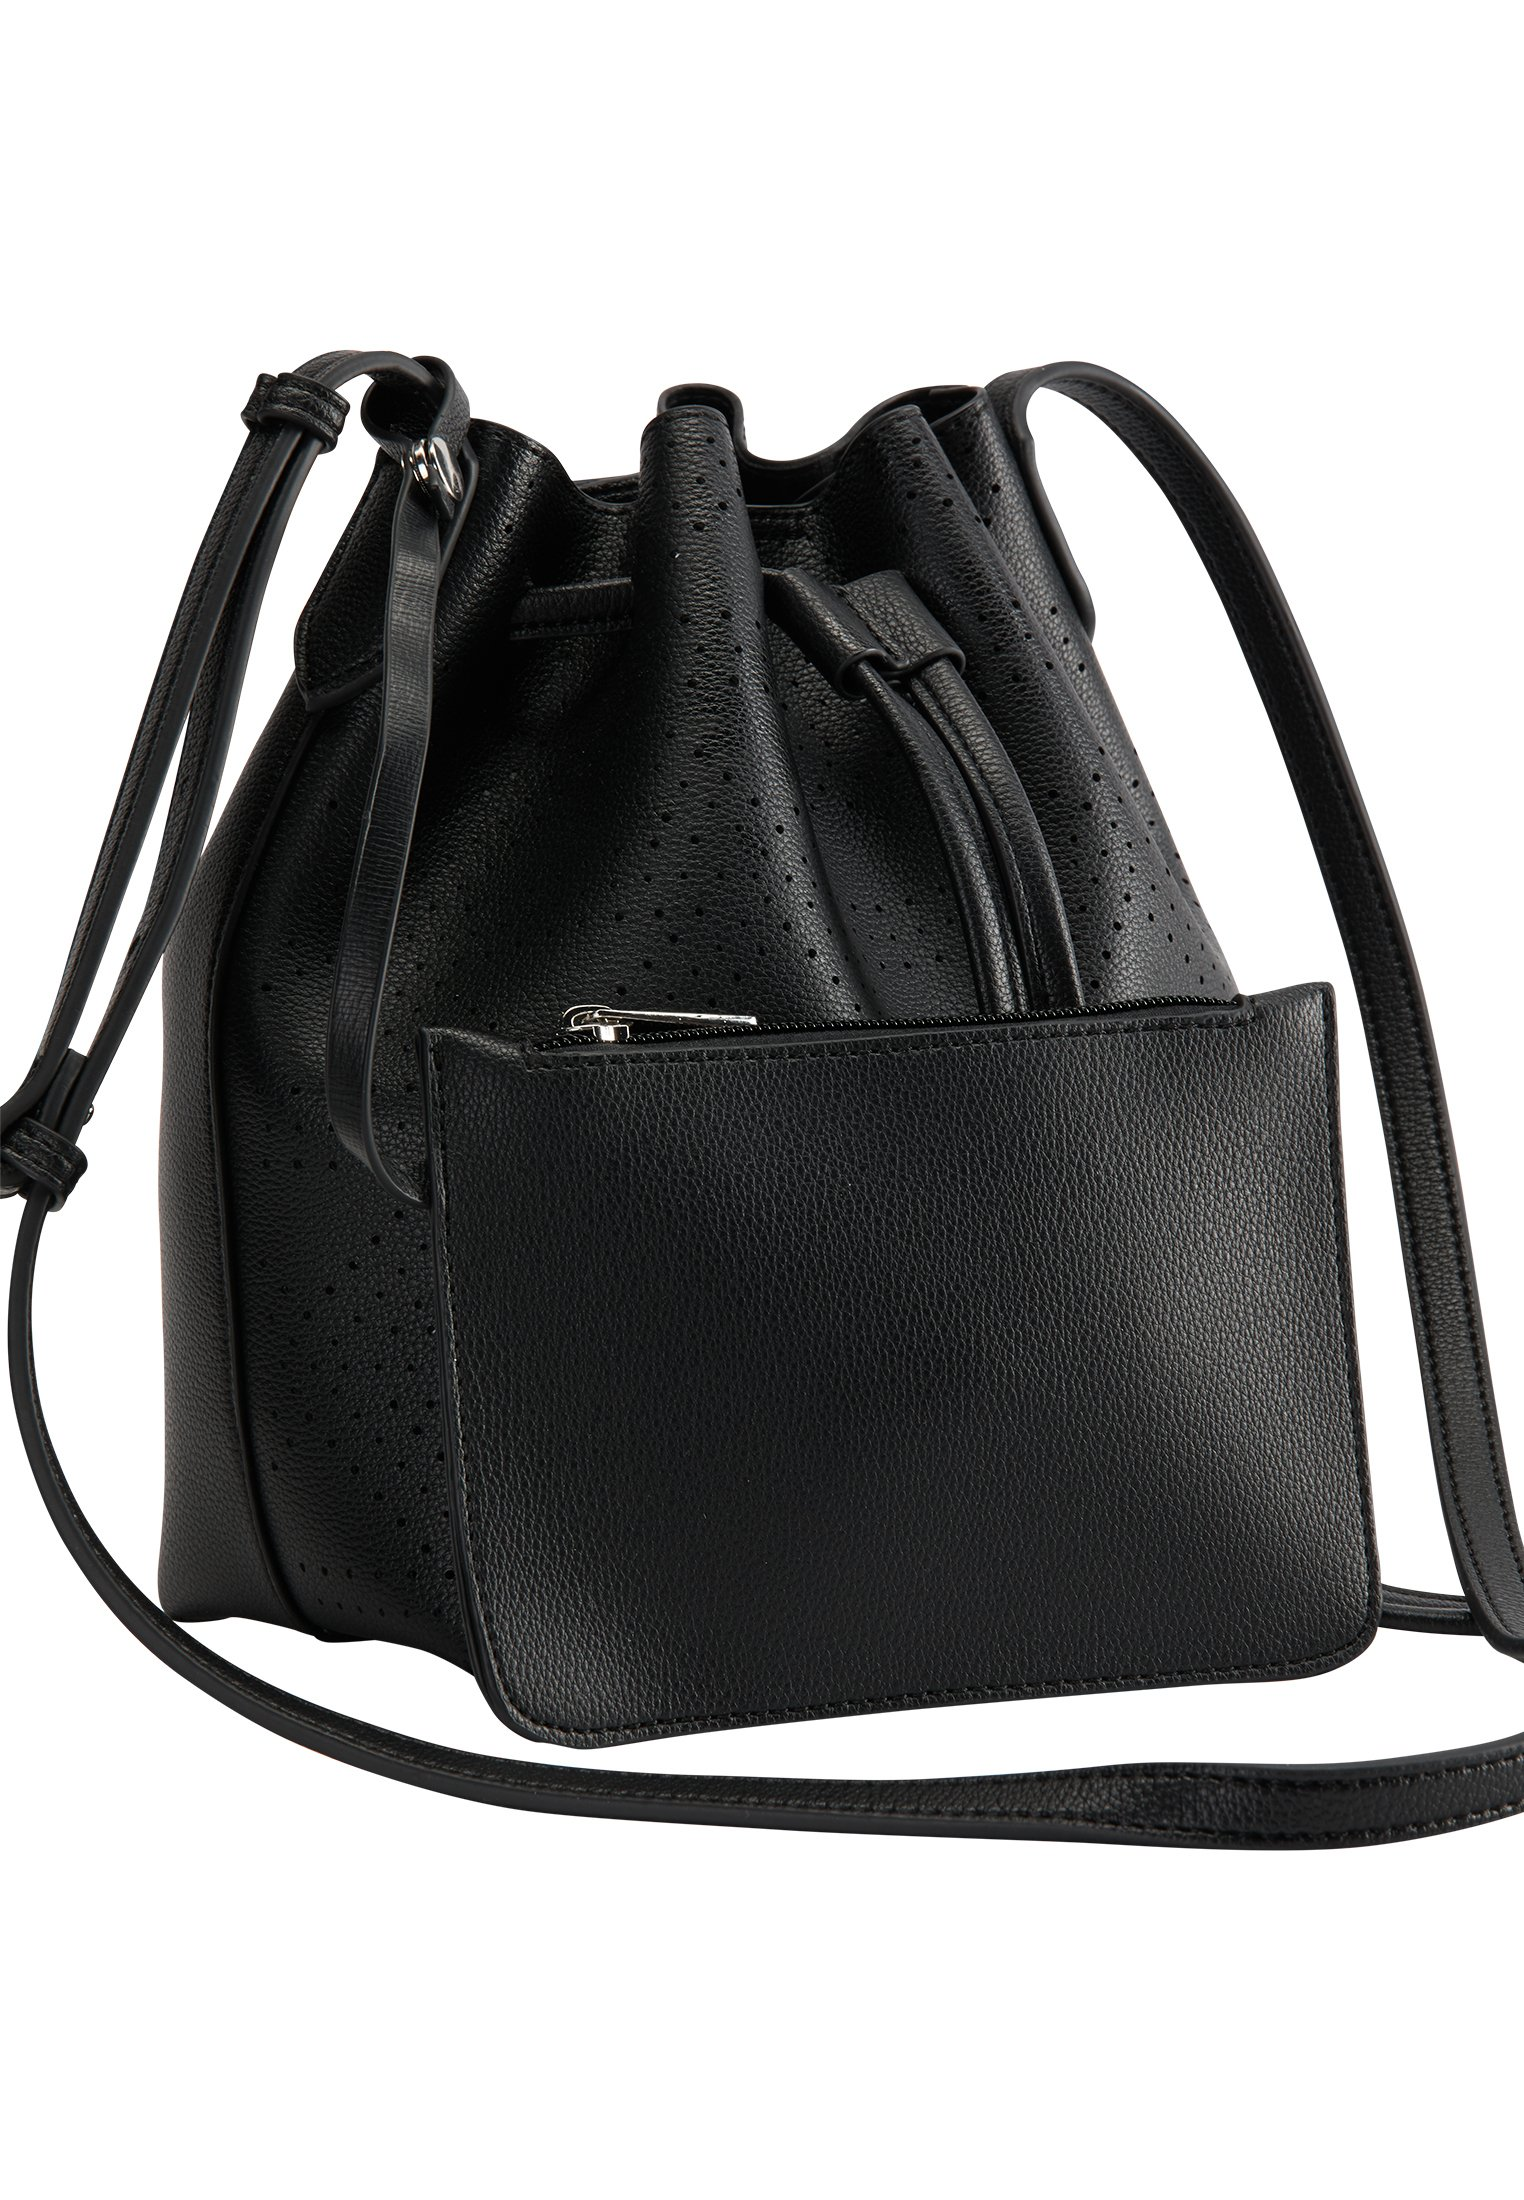 Usha Handtasche - Schwarz